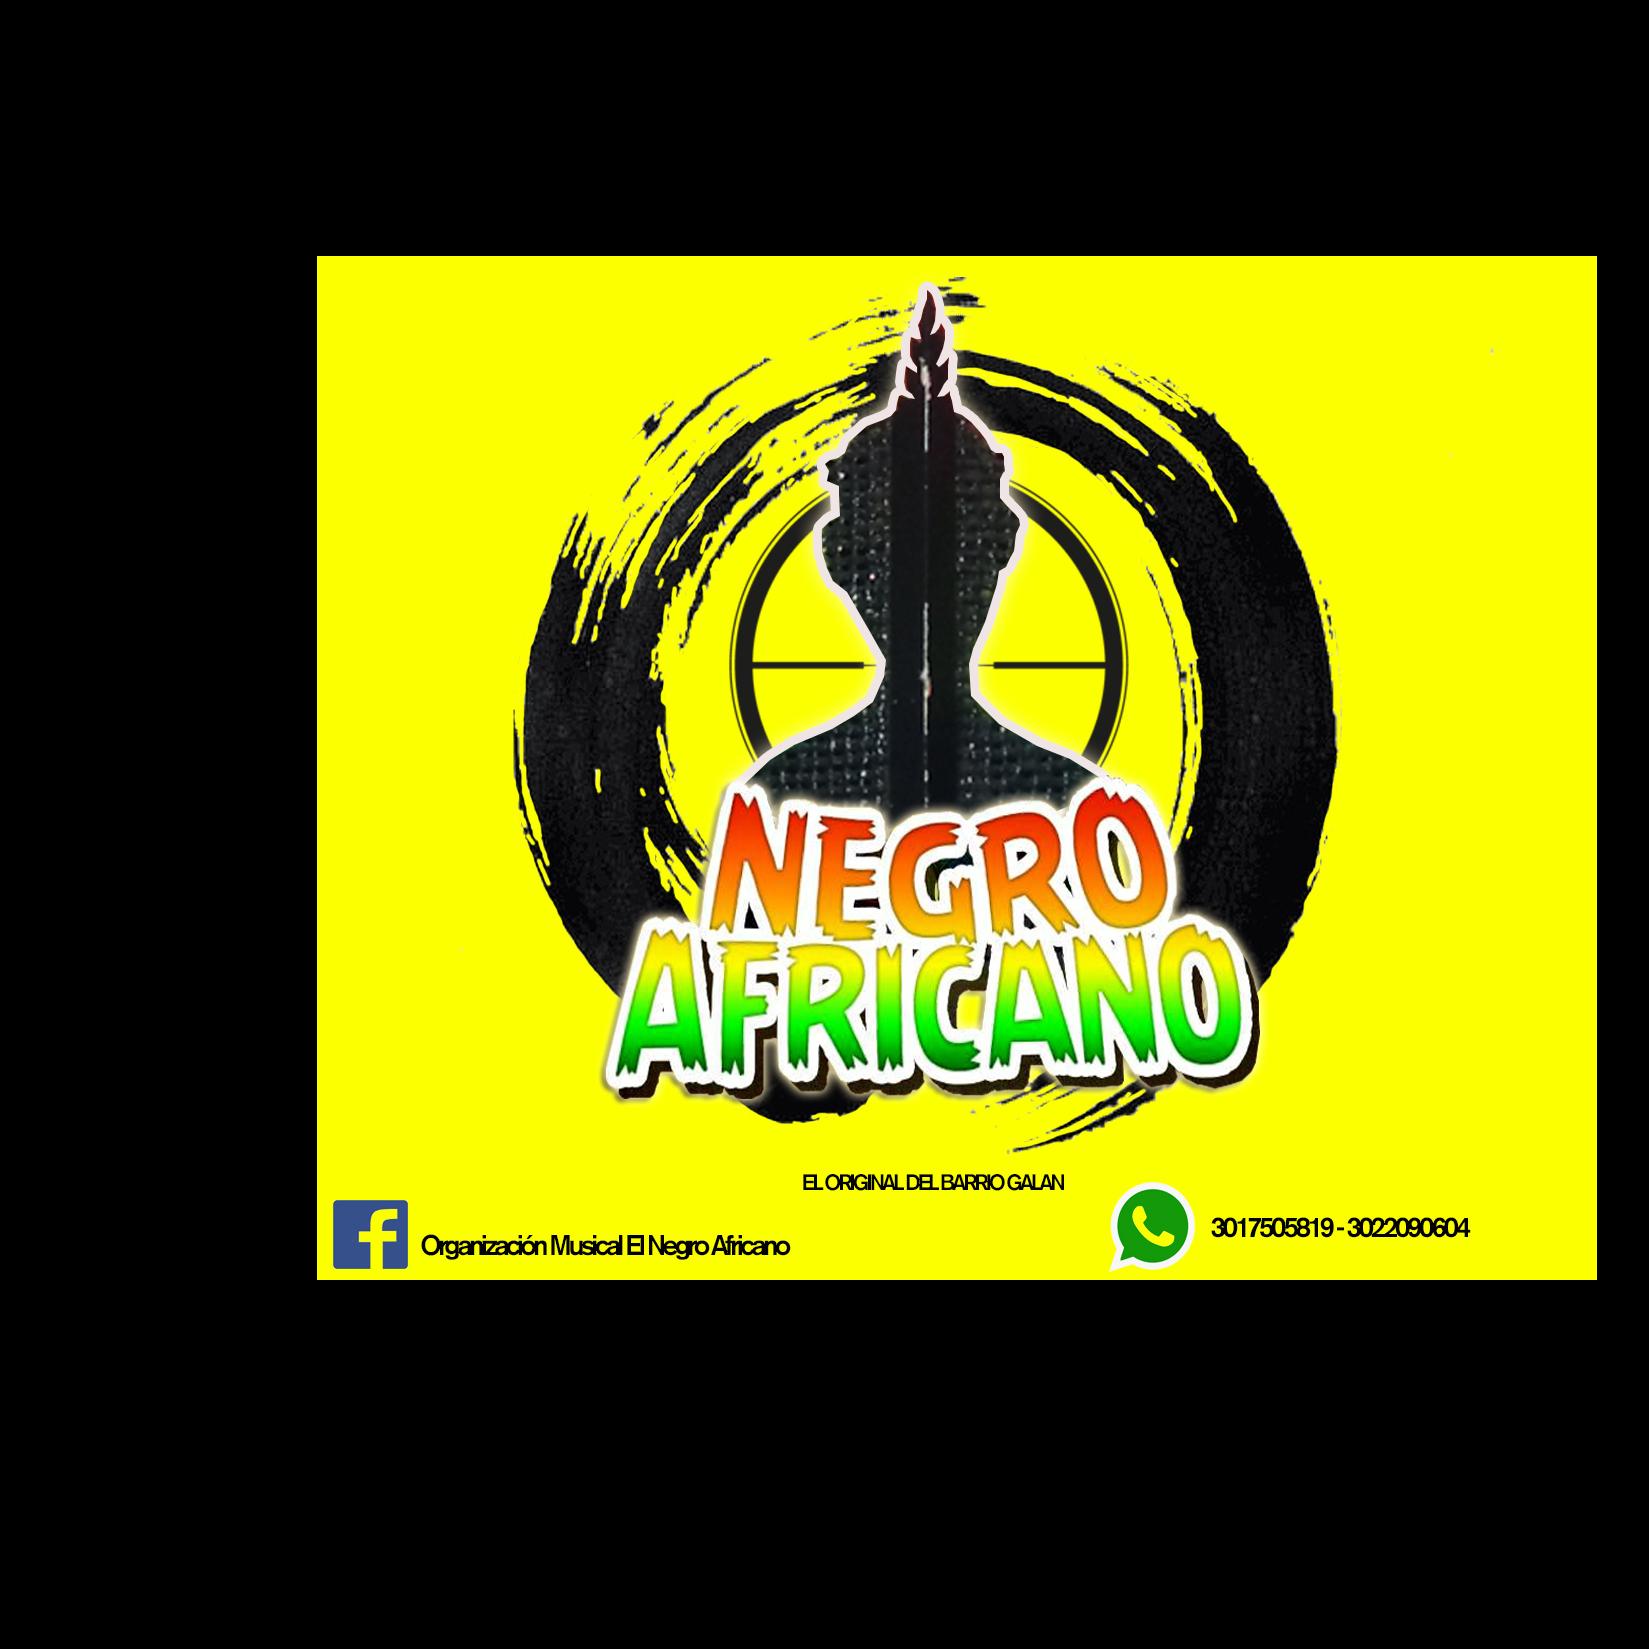 NEGRO AFRICANO